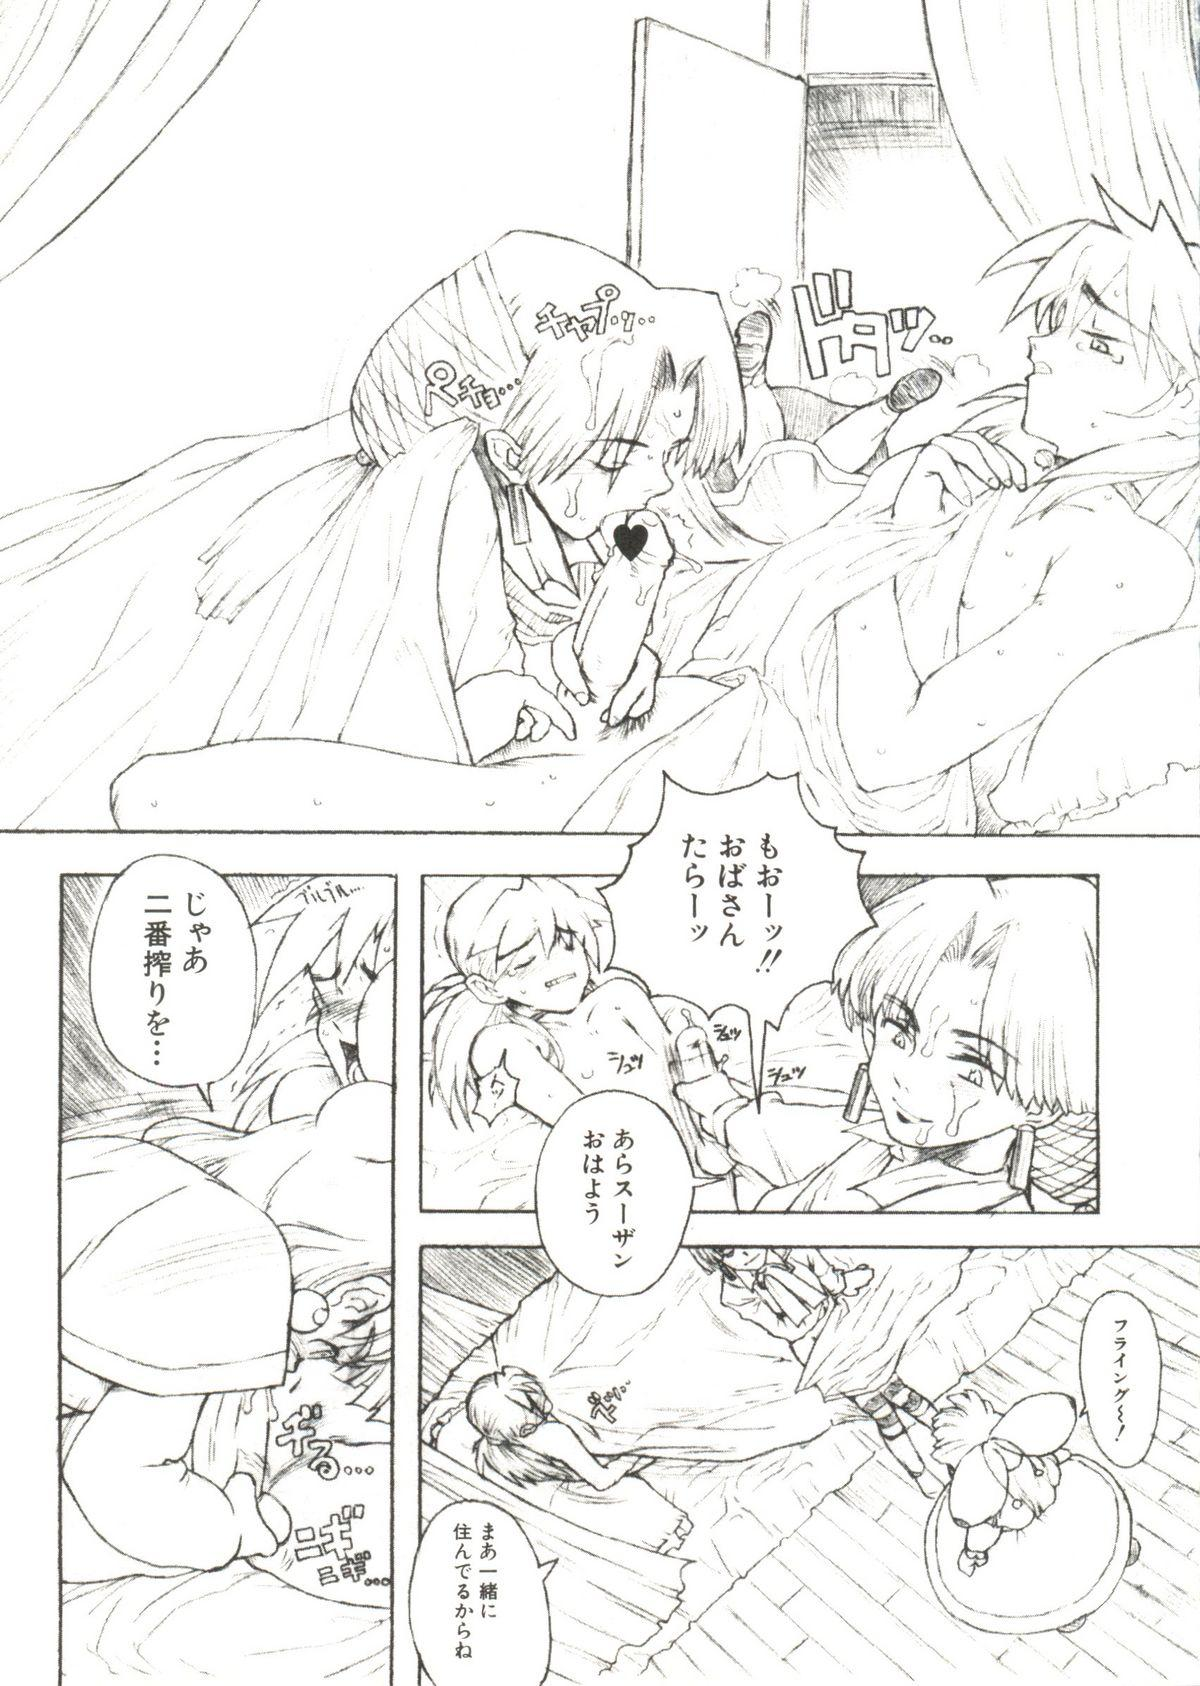 Denei Tamate Bako Bishoujo Doujinshi Anthology Vol. 2 - Nishinhou no Tenshi 118